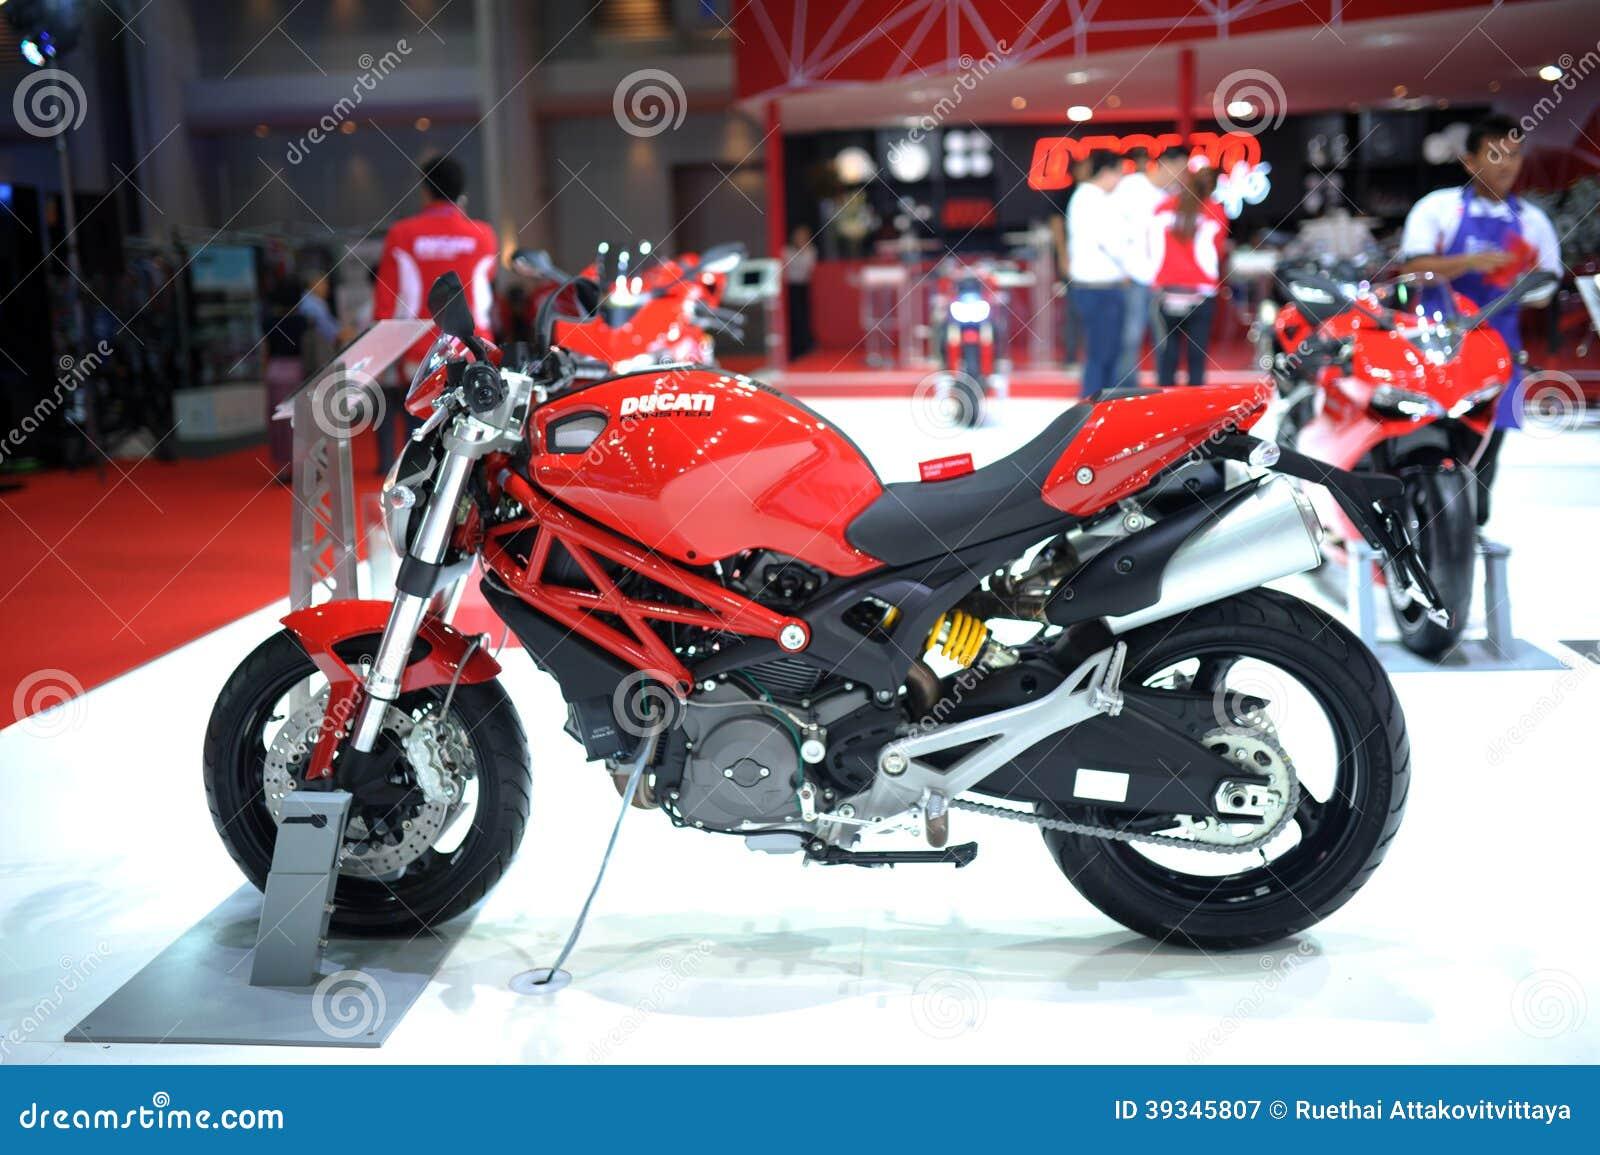 Bangkok March 24 Ducati Superbike Motorbike Editorial